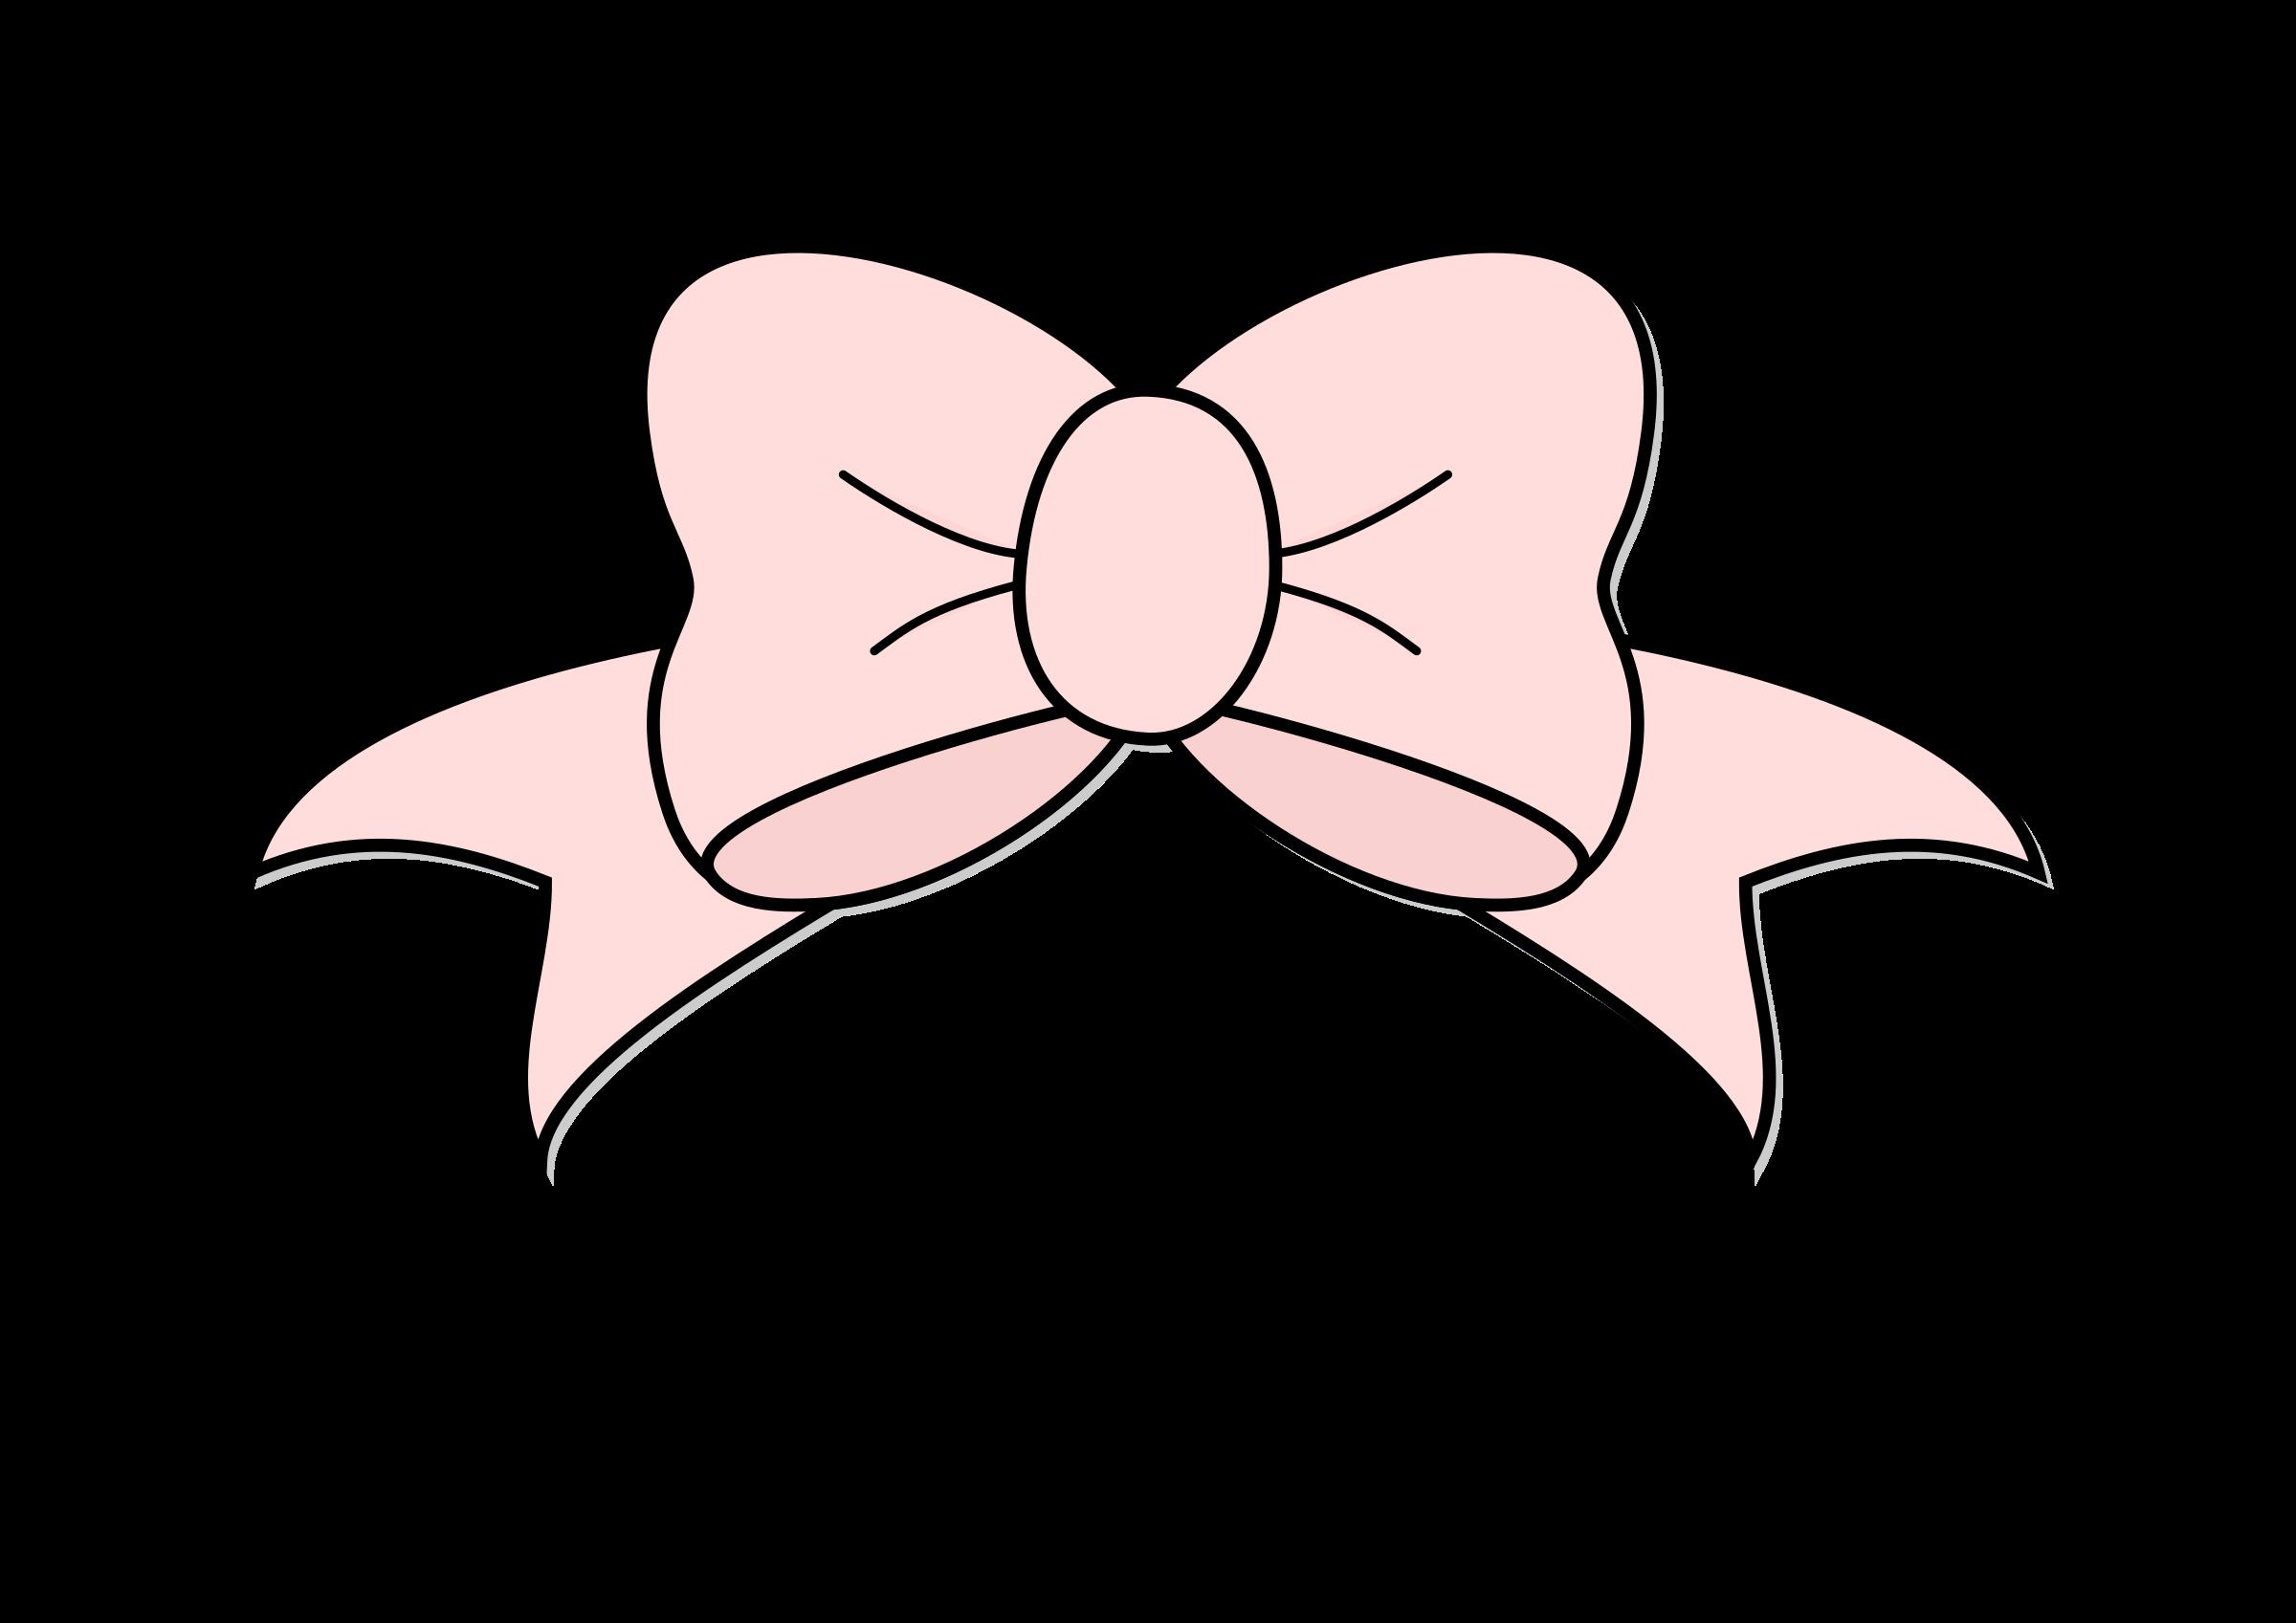 Bows clipart vector. Pink hair big bow